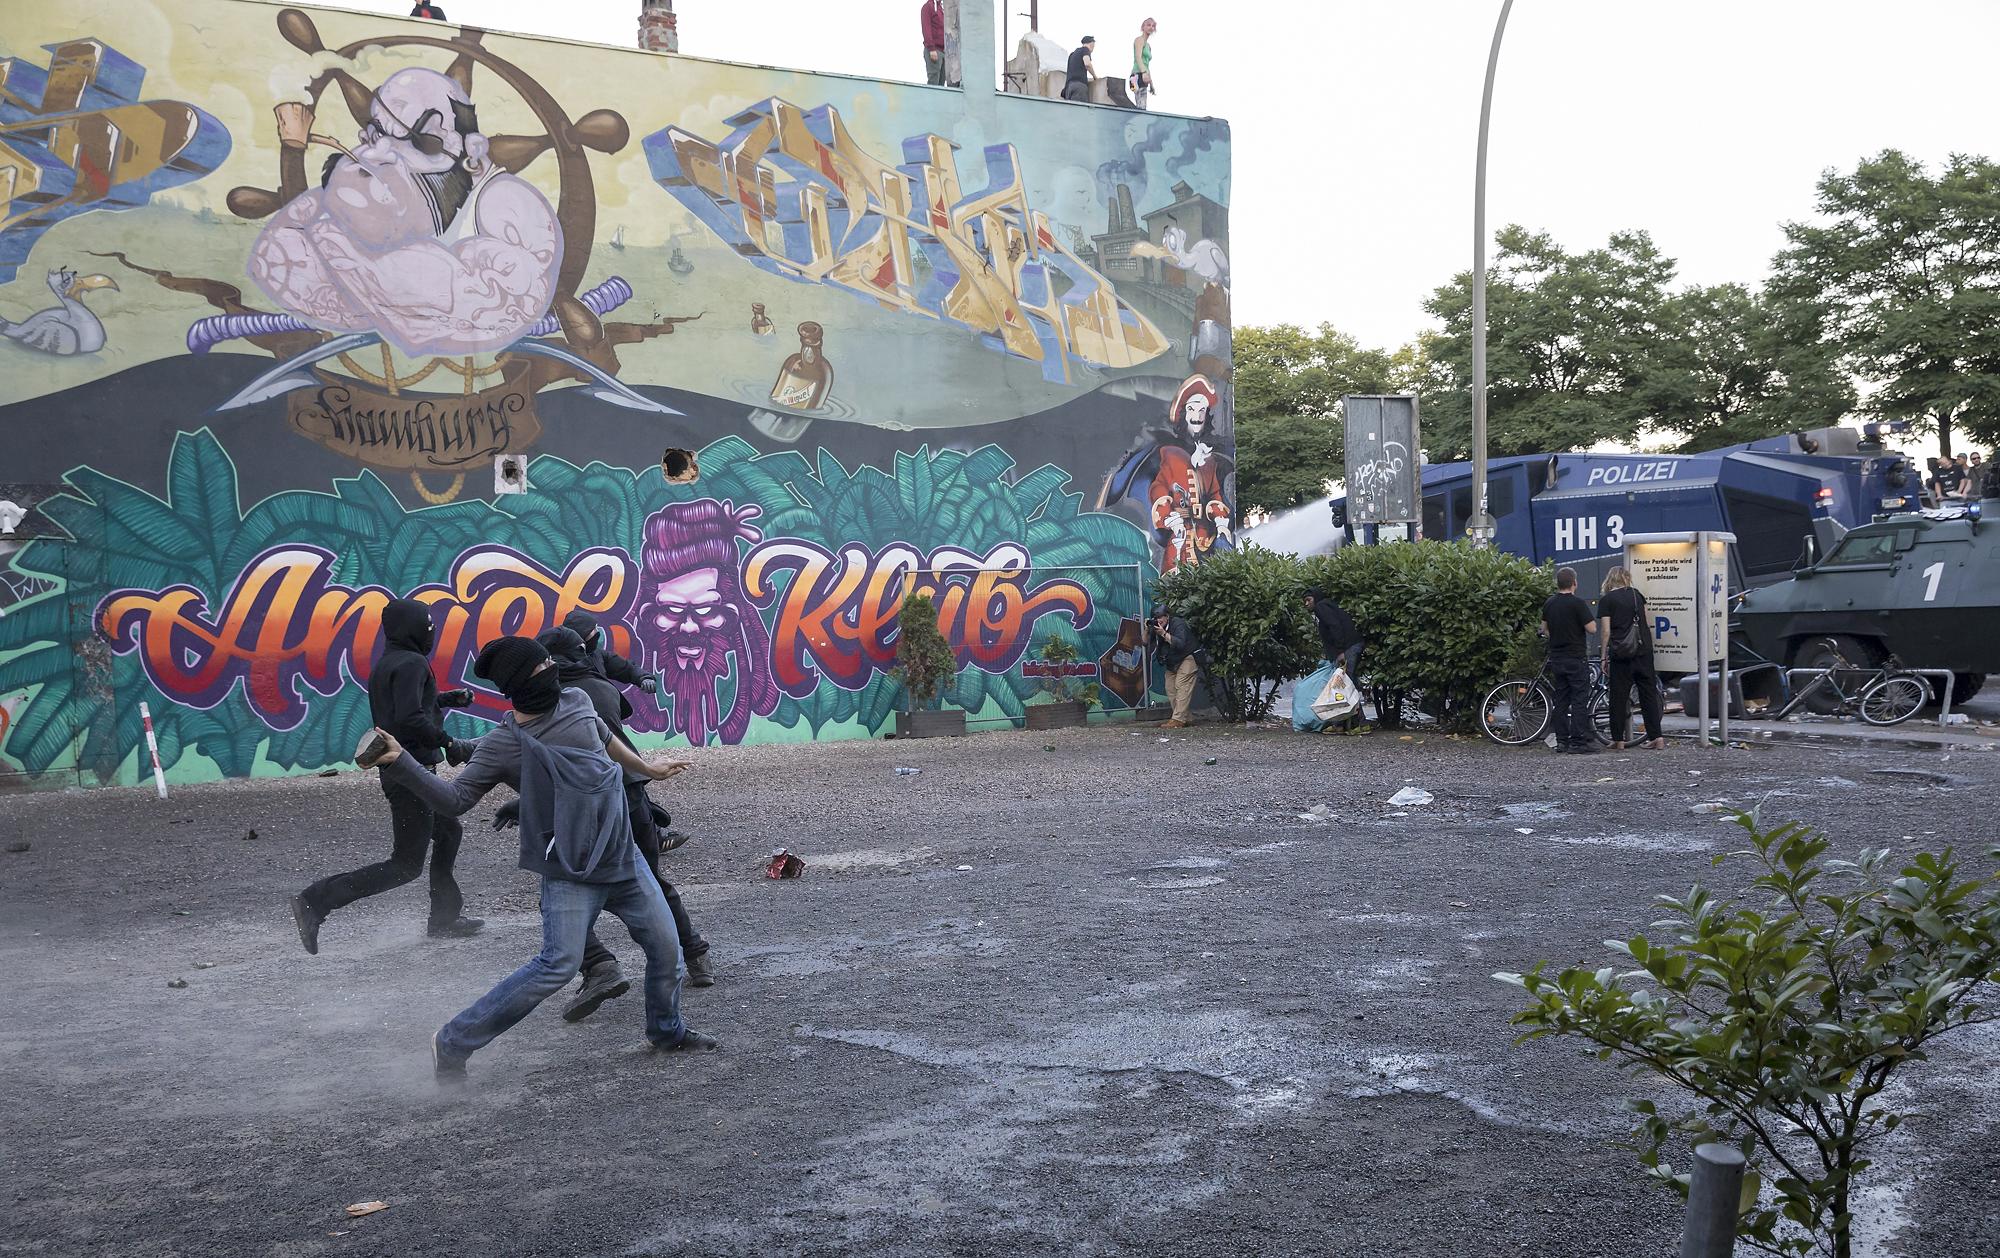 """Vermummte werfen am 06/07/2017 am Fischmarkt in Hamburg nach der Auflösung einer Demonstration unter dem Titel """"Welcome to Hell"""" Steine auf einen Wasserwerfer. Foto Florian Schuh"""